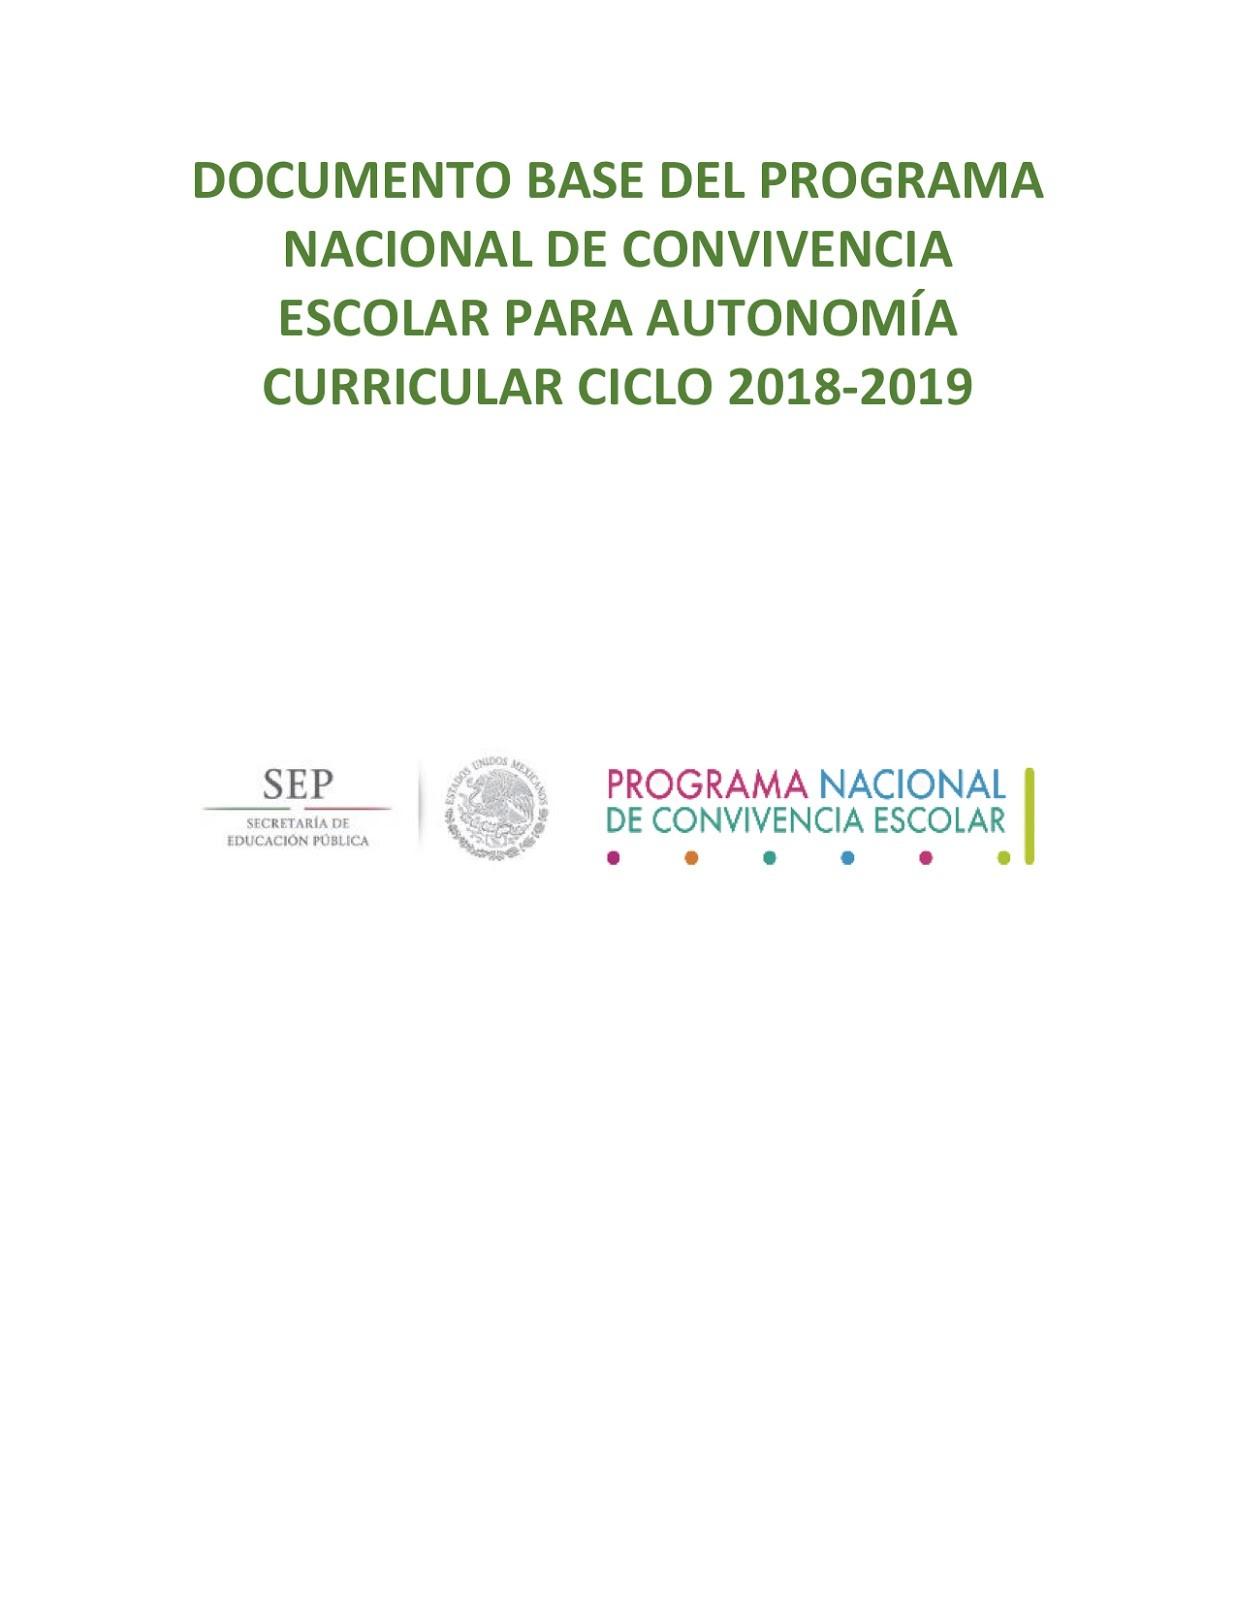 Documento base del Programa Nacional de Convivencia Escolar para Autonoma Curricular Ciclo 2018 2019